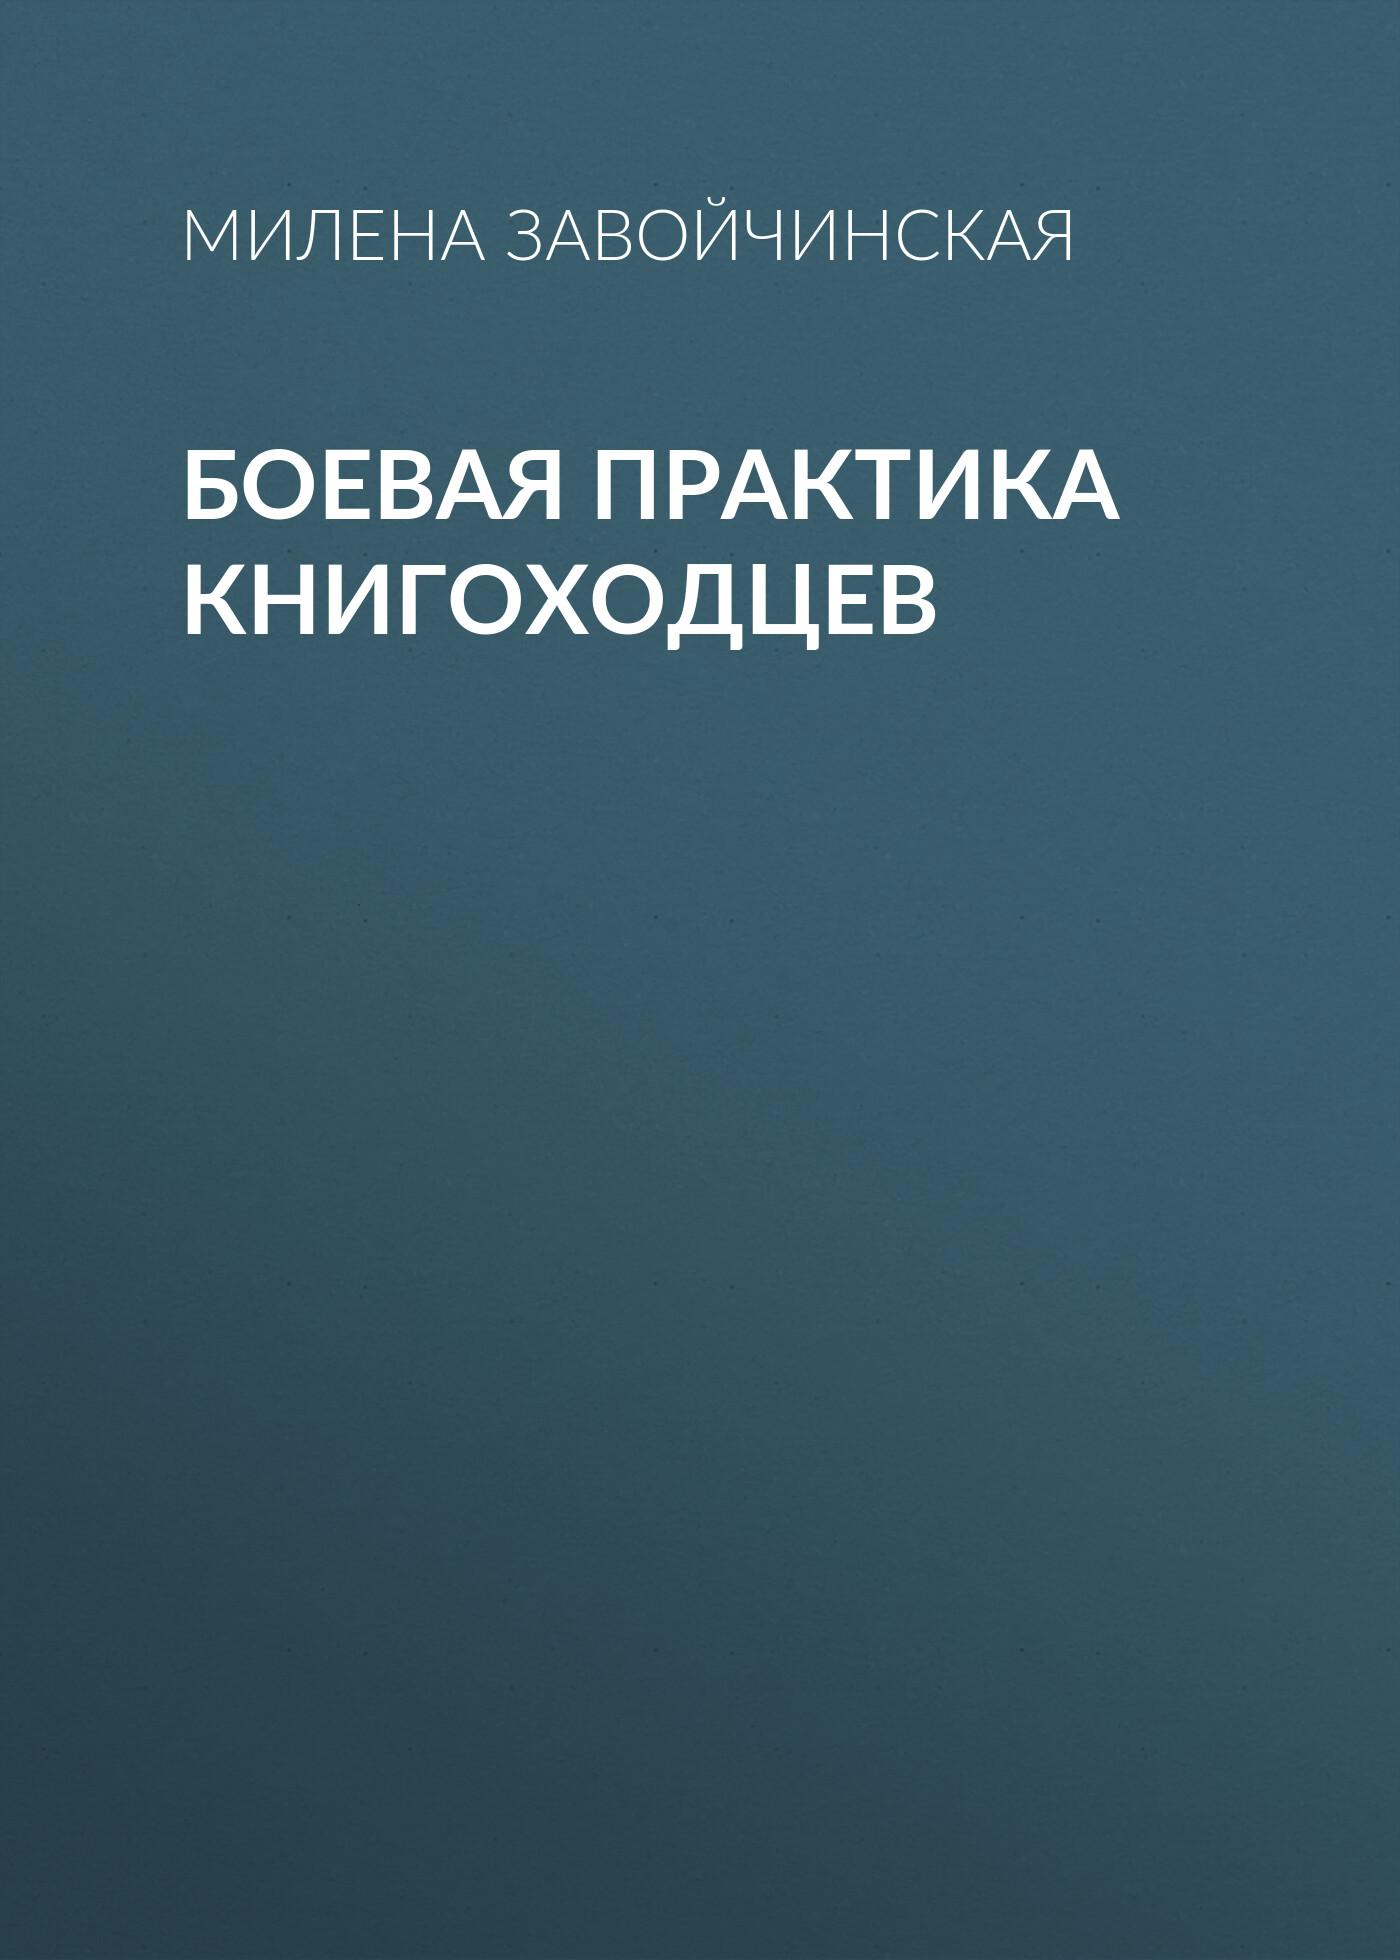 Купить книгу Боевая практика книгоходцев, автора Милены Завойчинской